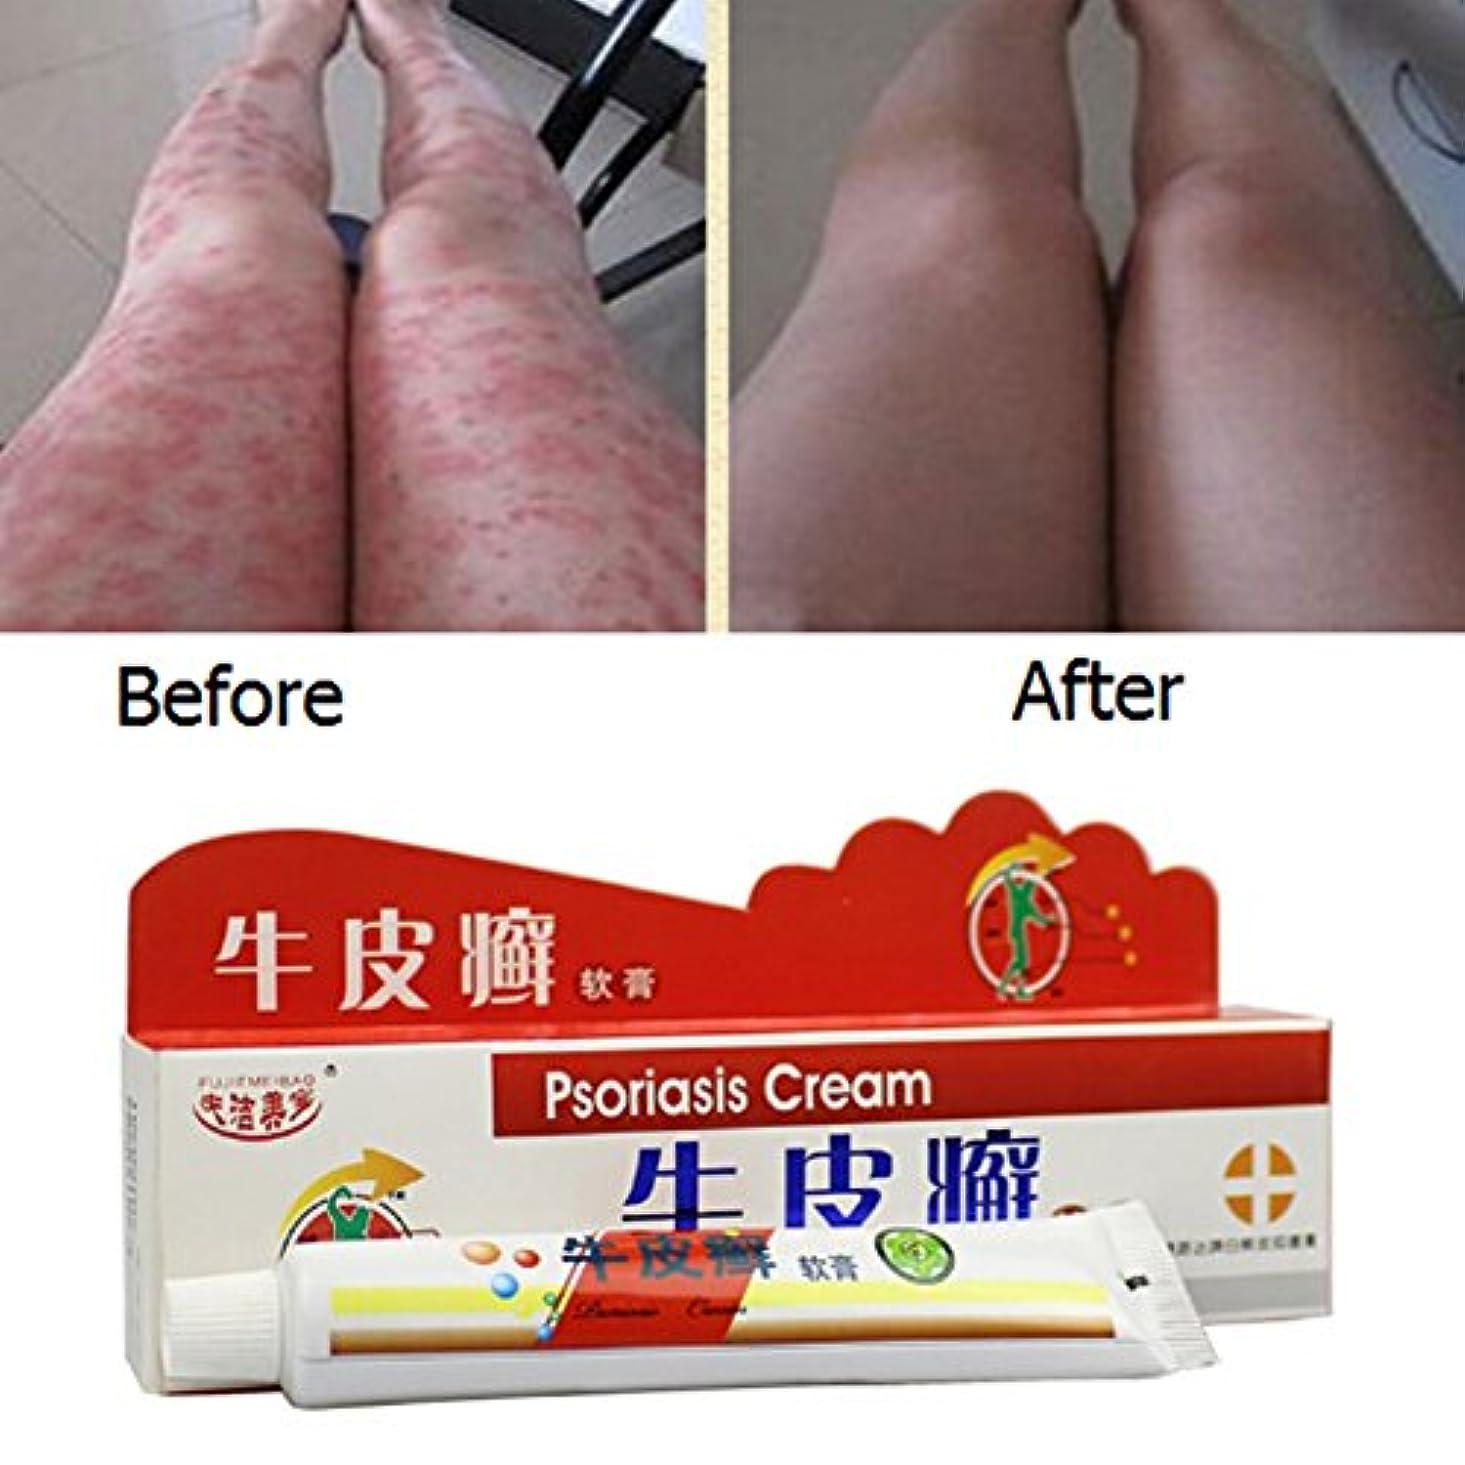 参照可聴時乾癬クリーム 漢方薬 植物成分 ハーブ軟膏 抗菌 クリーム 湿疹 乾癬 かゆみ Ammbous